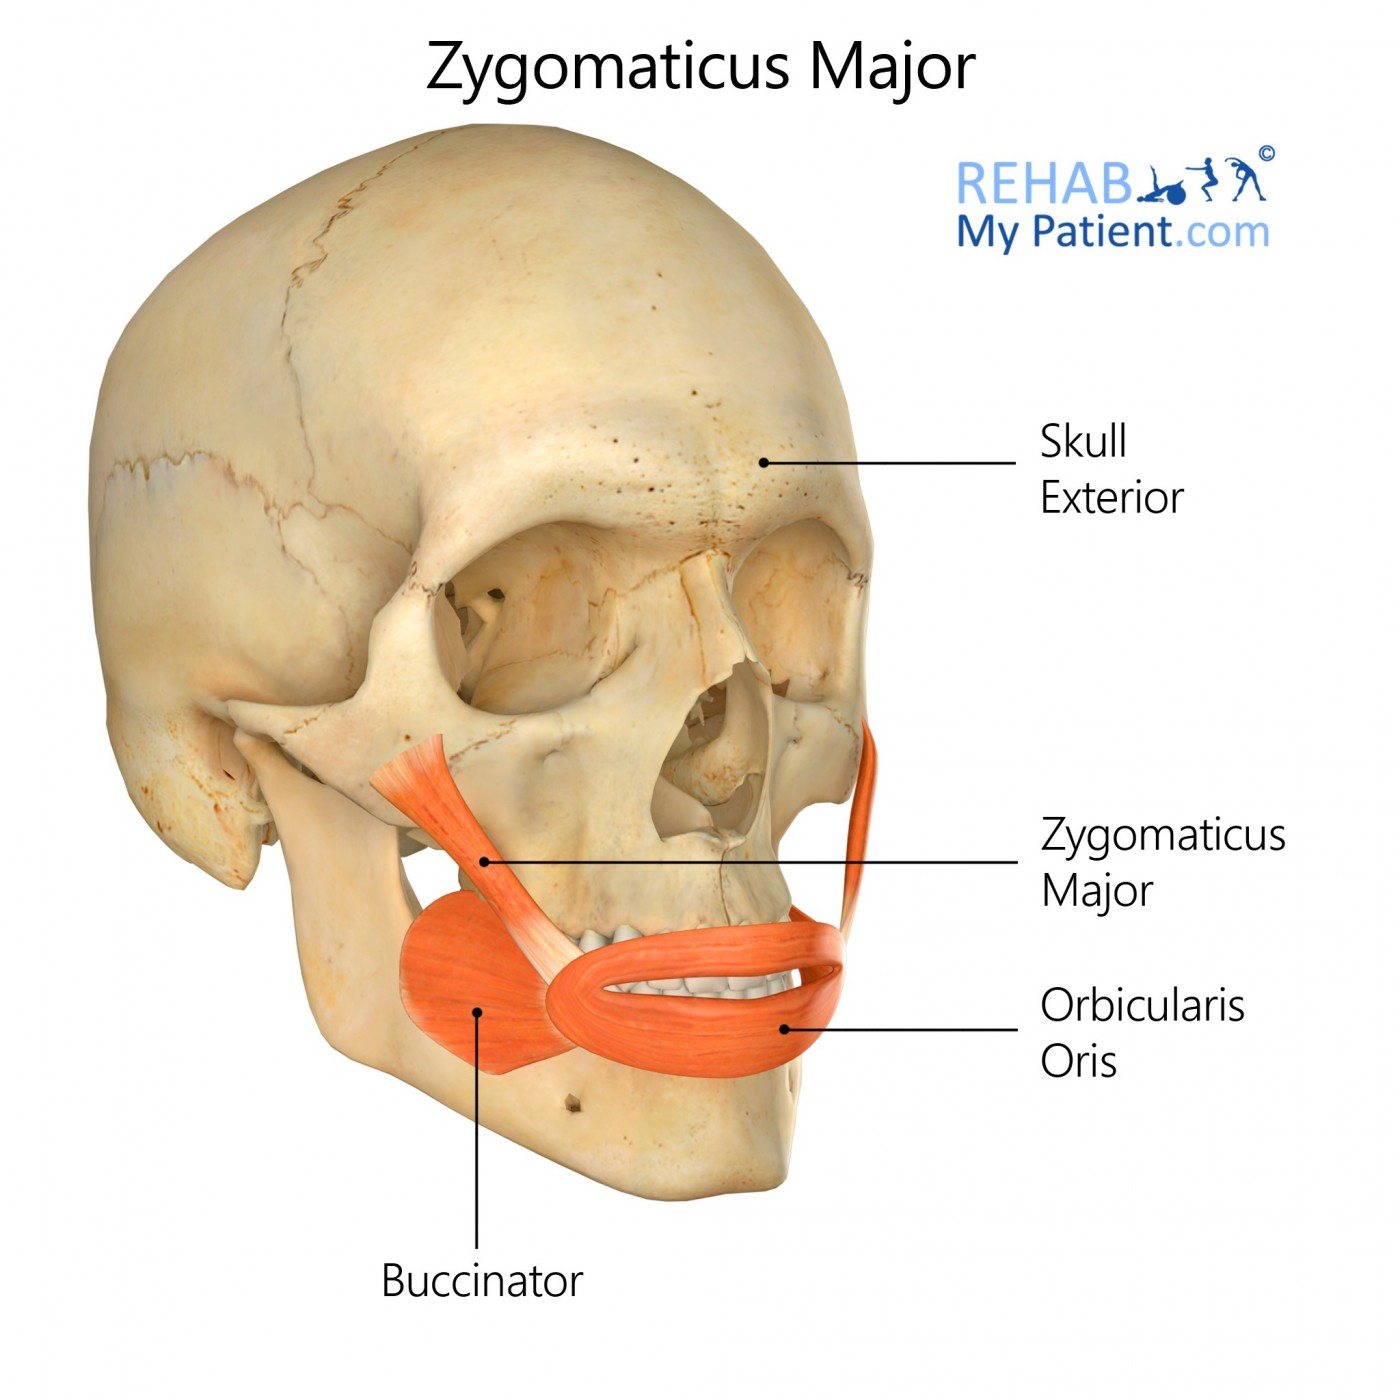 Zygomaticus Major